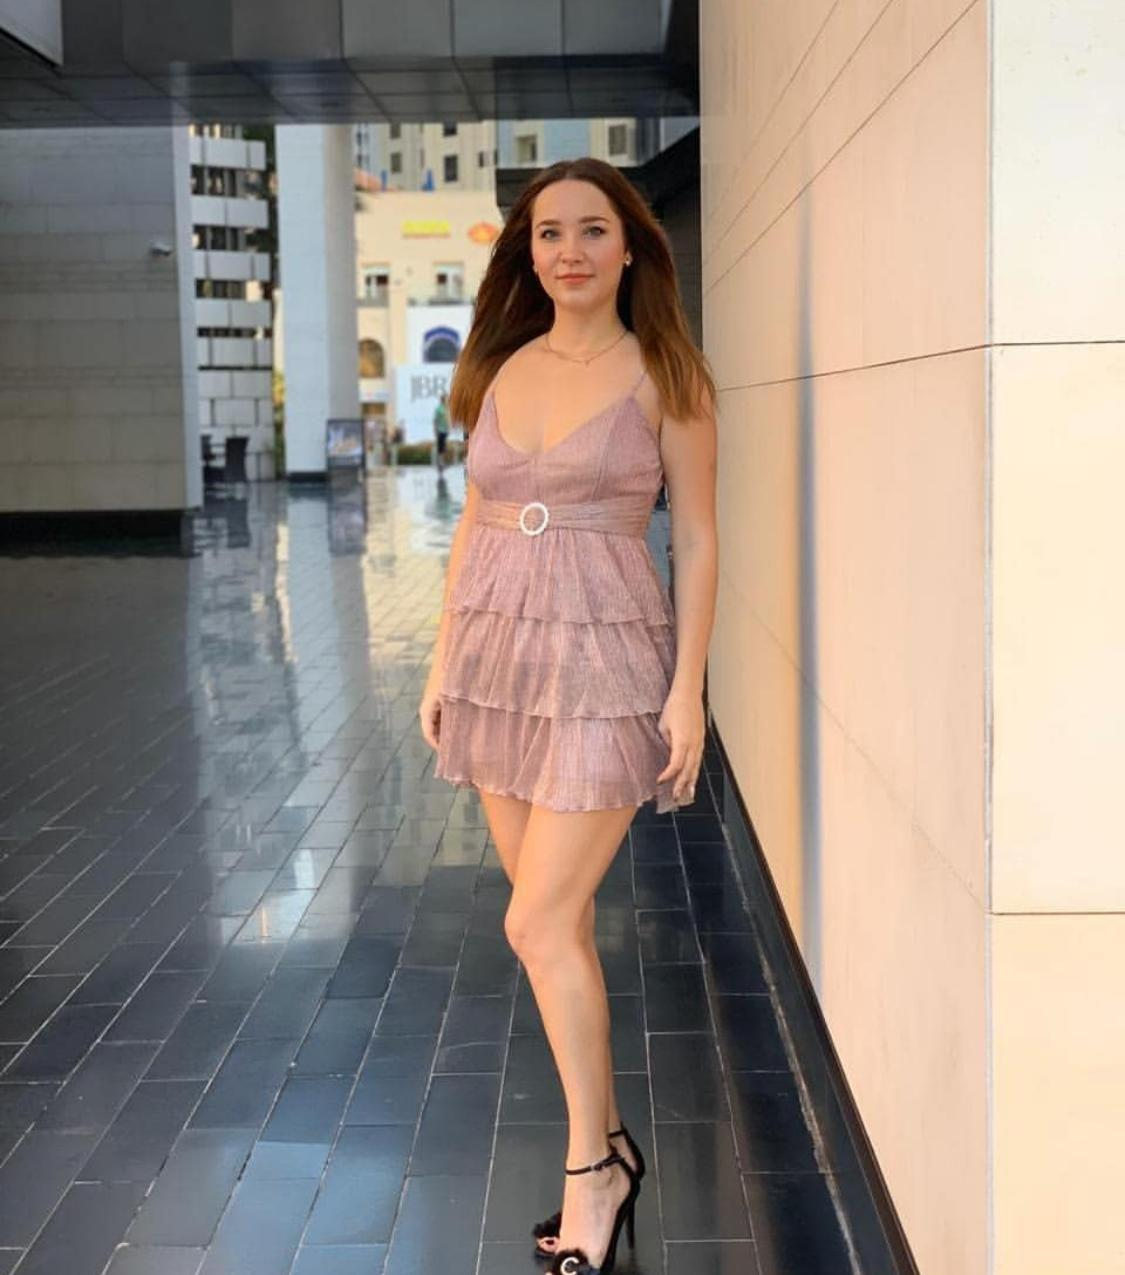 Luxury  girl?s=qyoaaompwvibcwgsbxtmblm5vzwyhzyhz+aaezbh2p4=